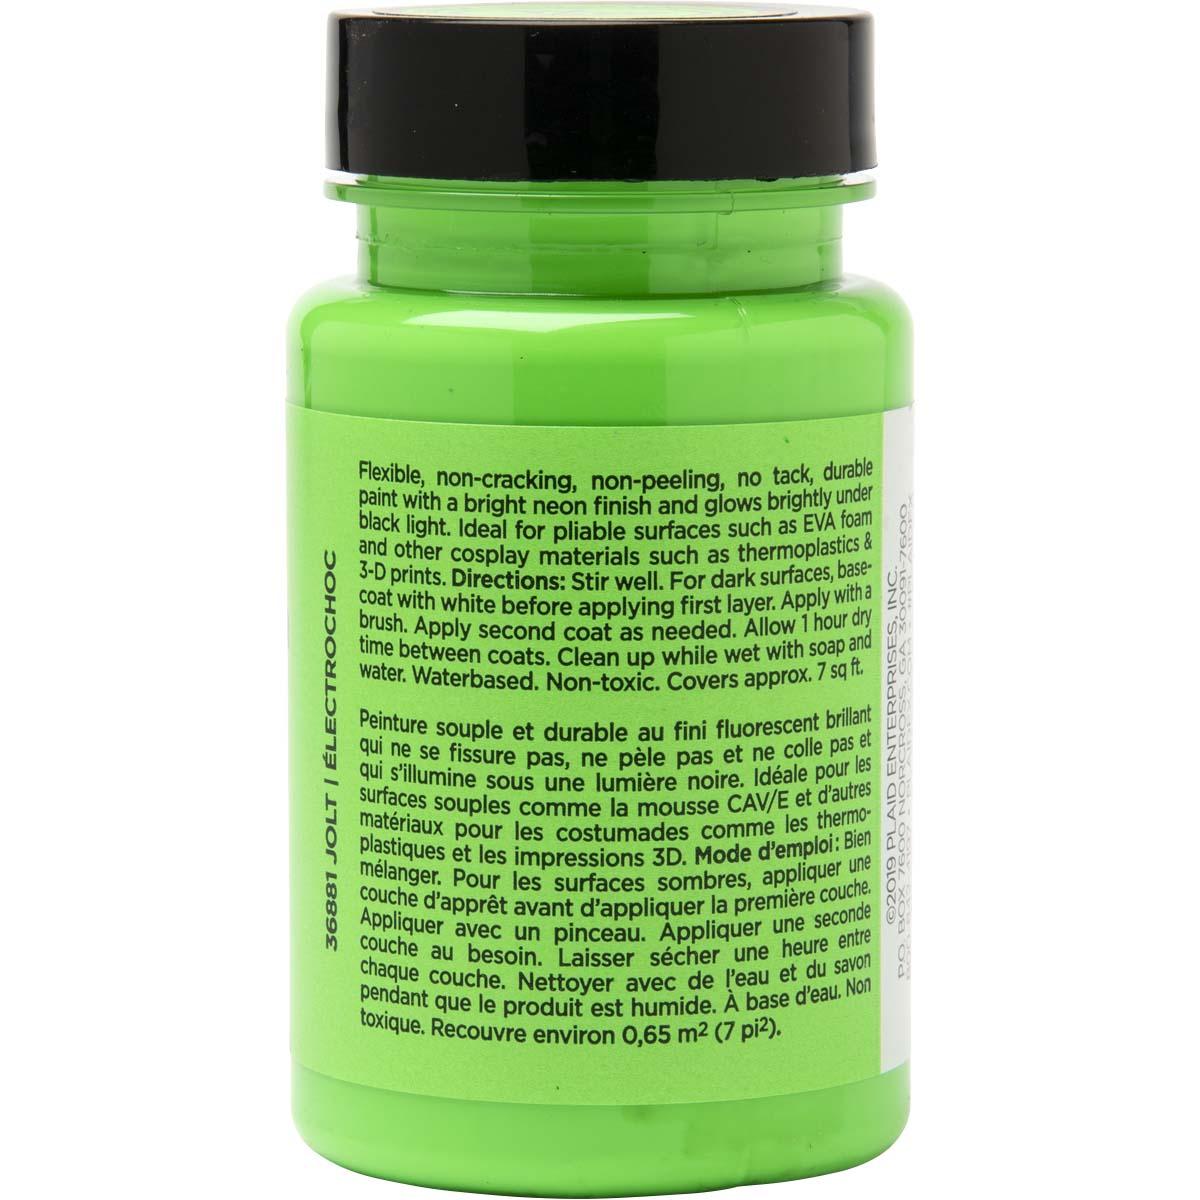 PlaidFX Nuclear Neon Flexible Acrylic Paint - Jolt, 3 oz. - 36881